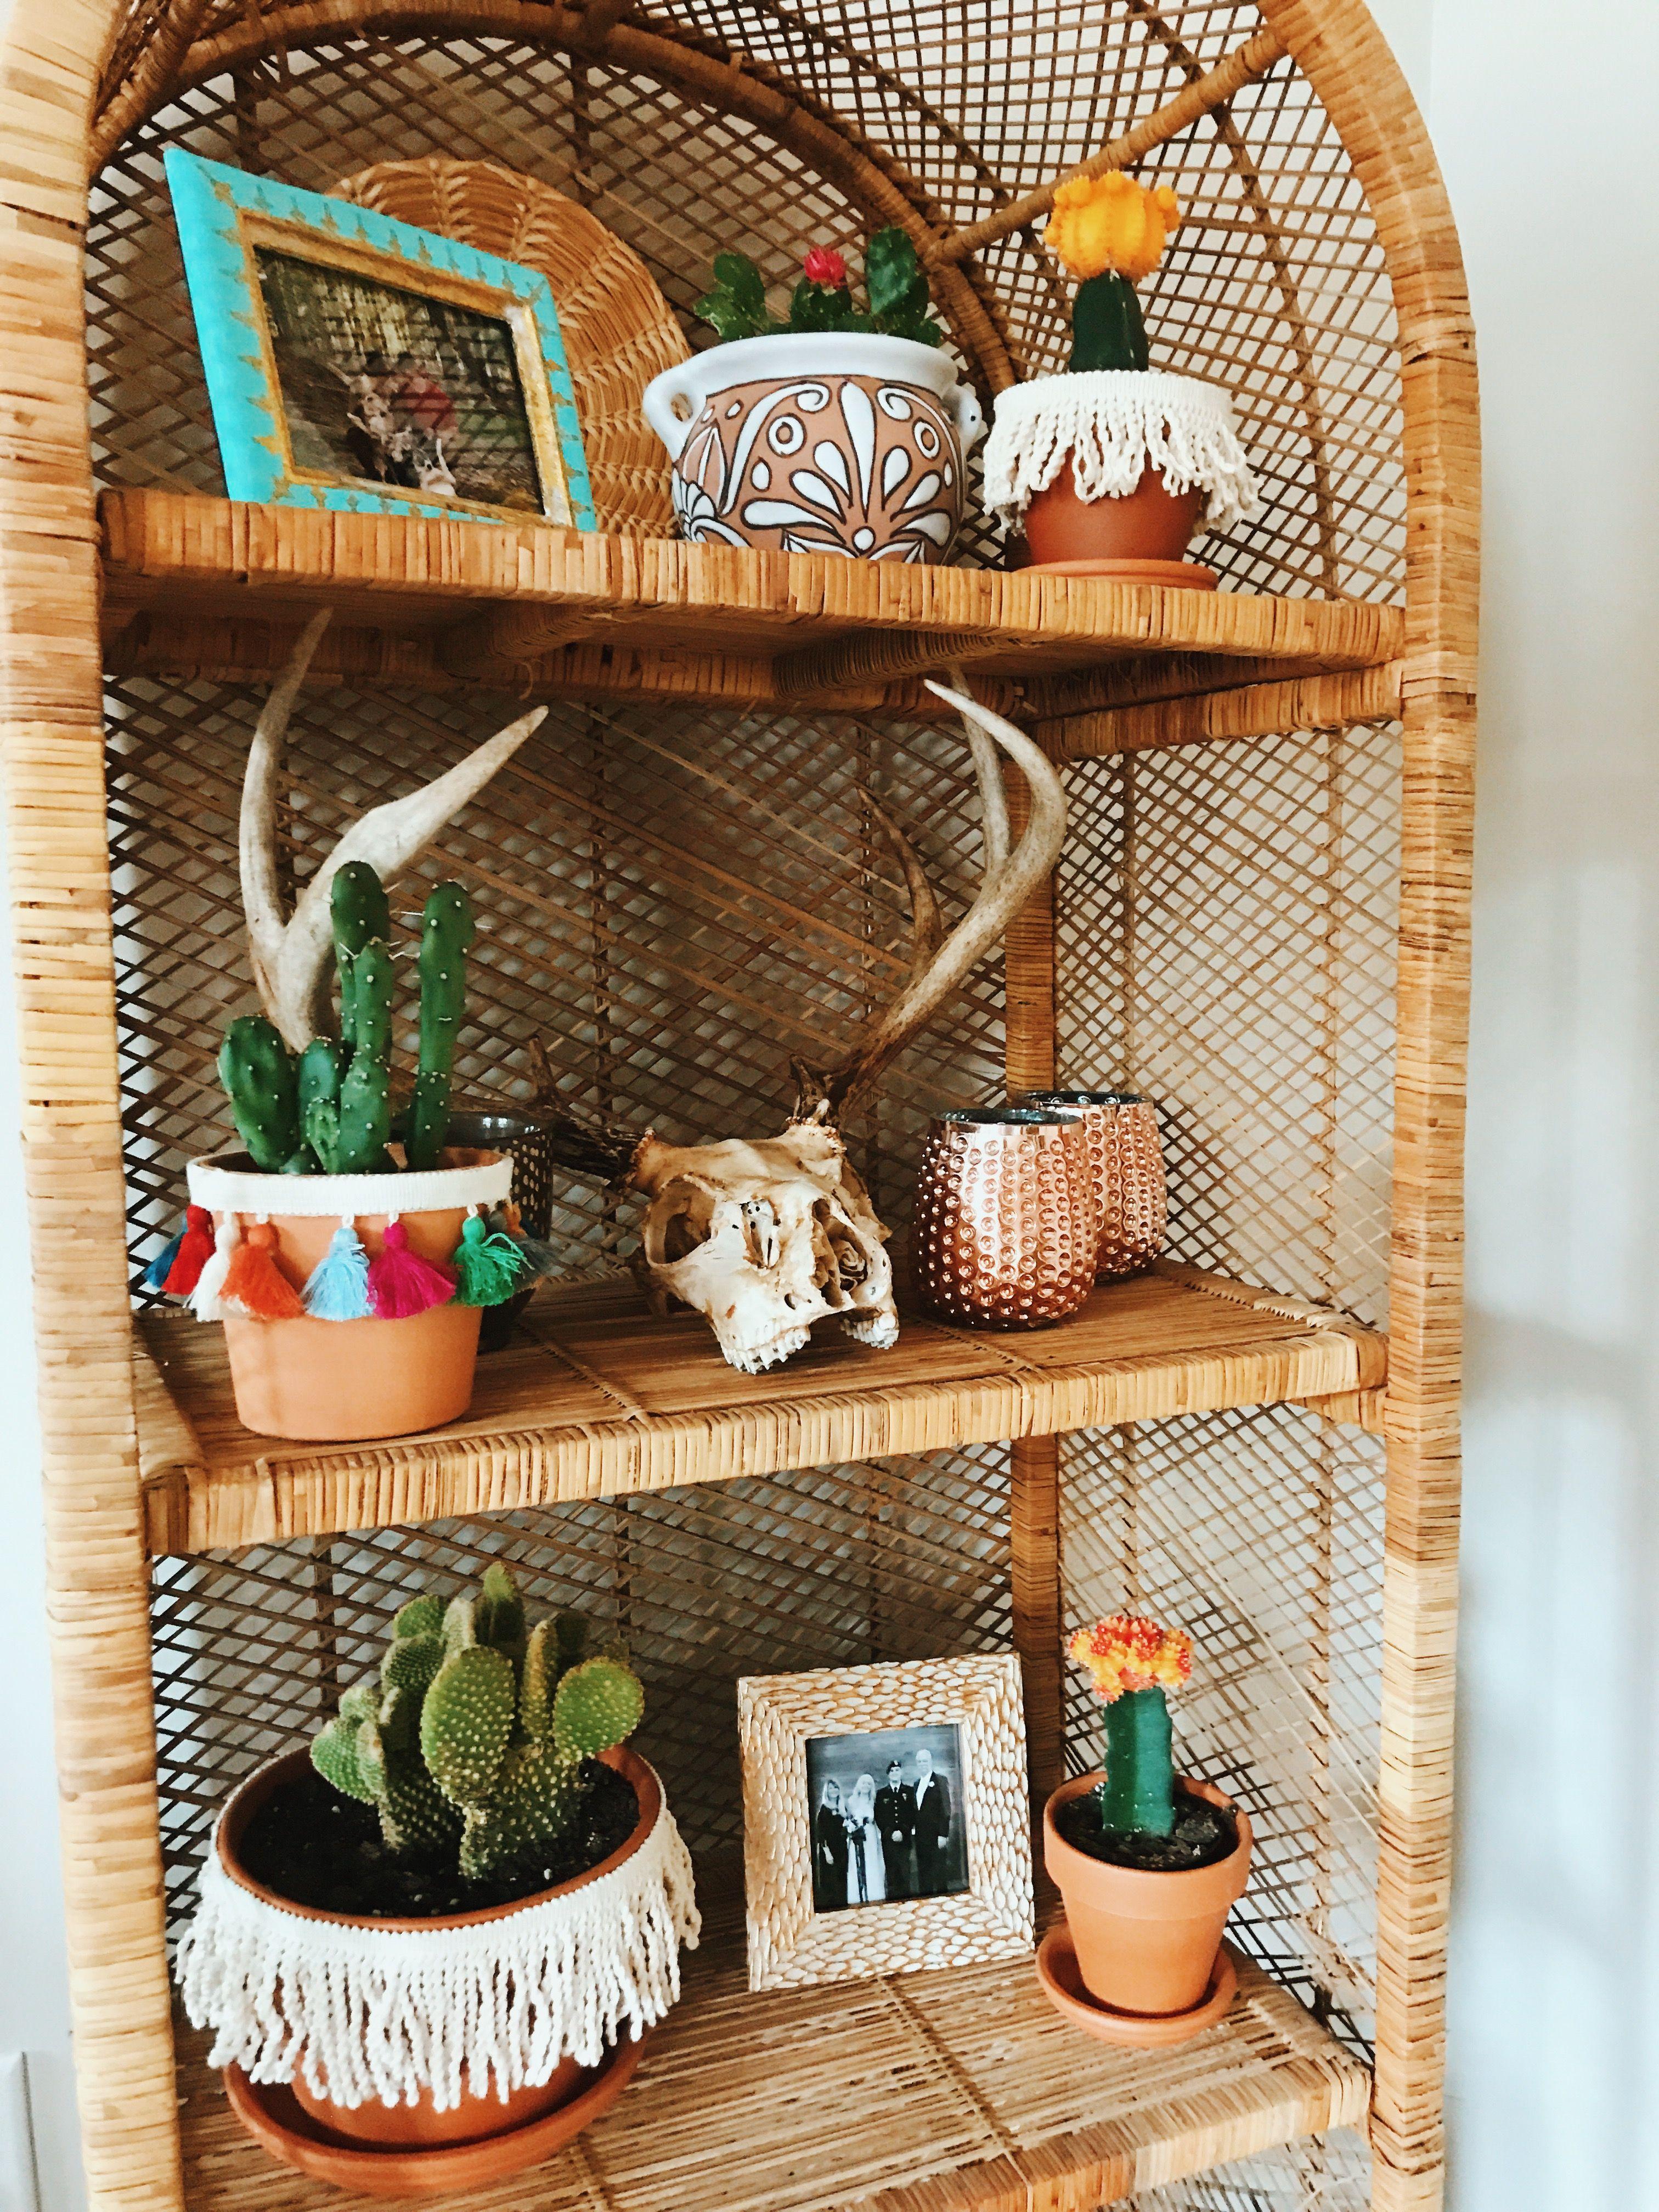 house plants + skulls // #boho #bohemian #eclectic #southwest #decor #homedecor #skull #fringe #tassels